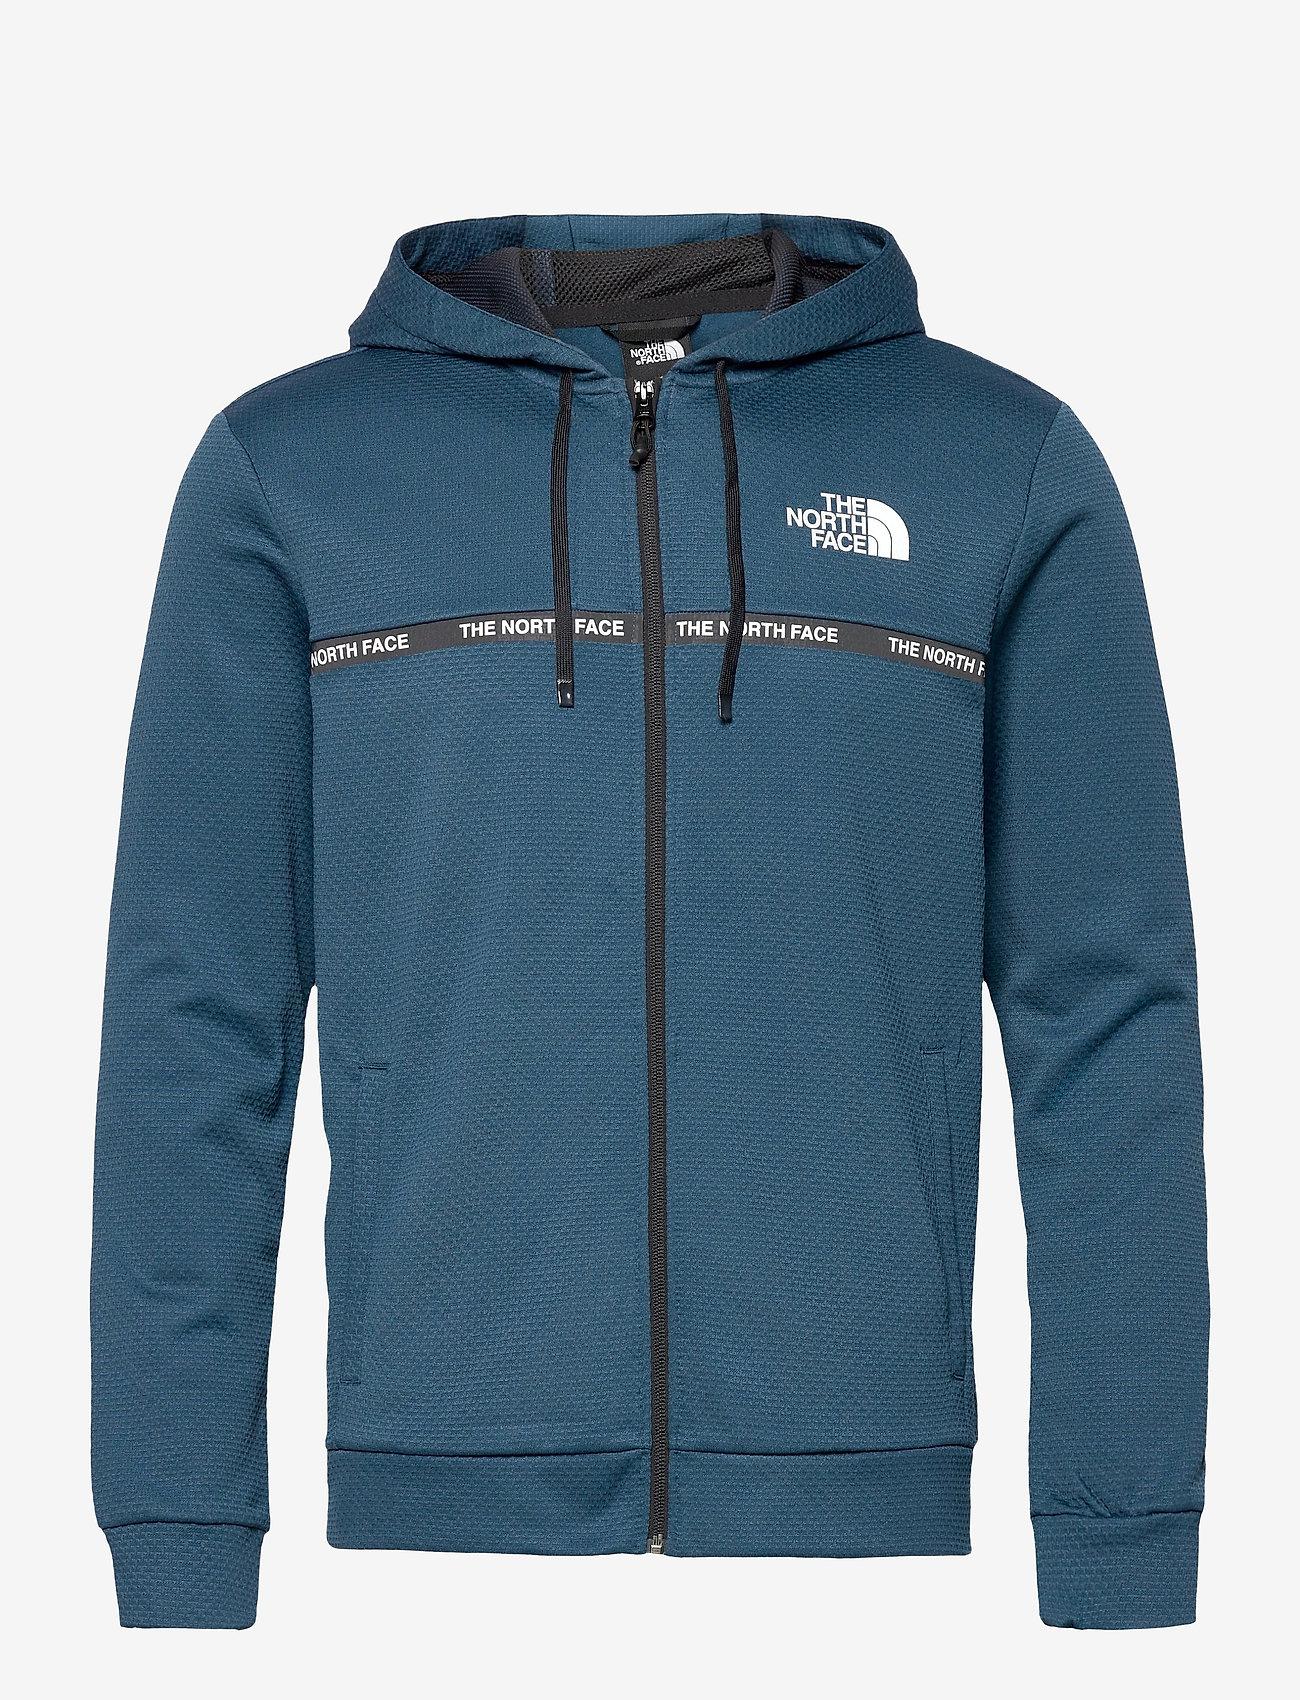 The North Face - M MA OVERLAY JKT - vestes d'extérieur et de pluie - monterey blue - 0